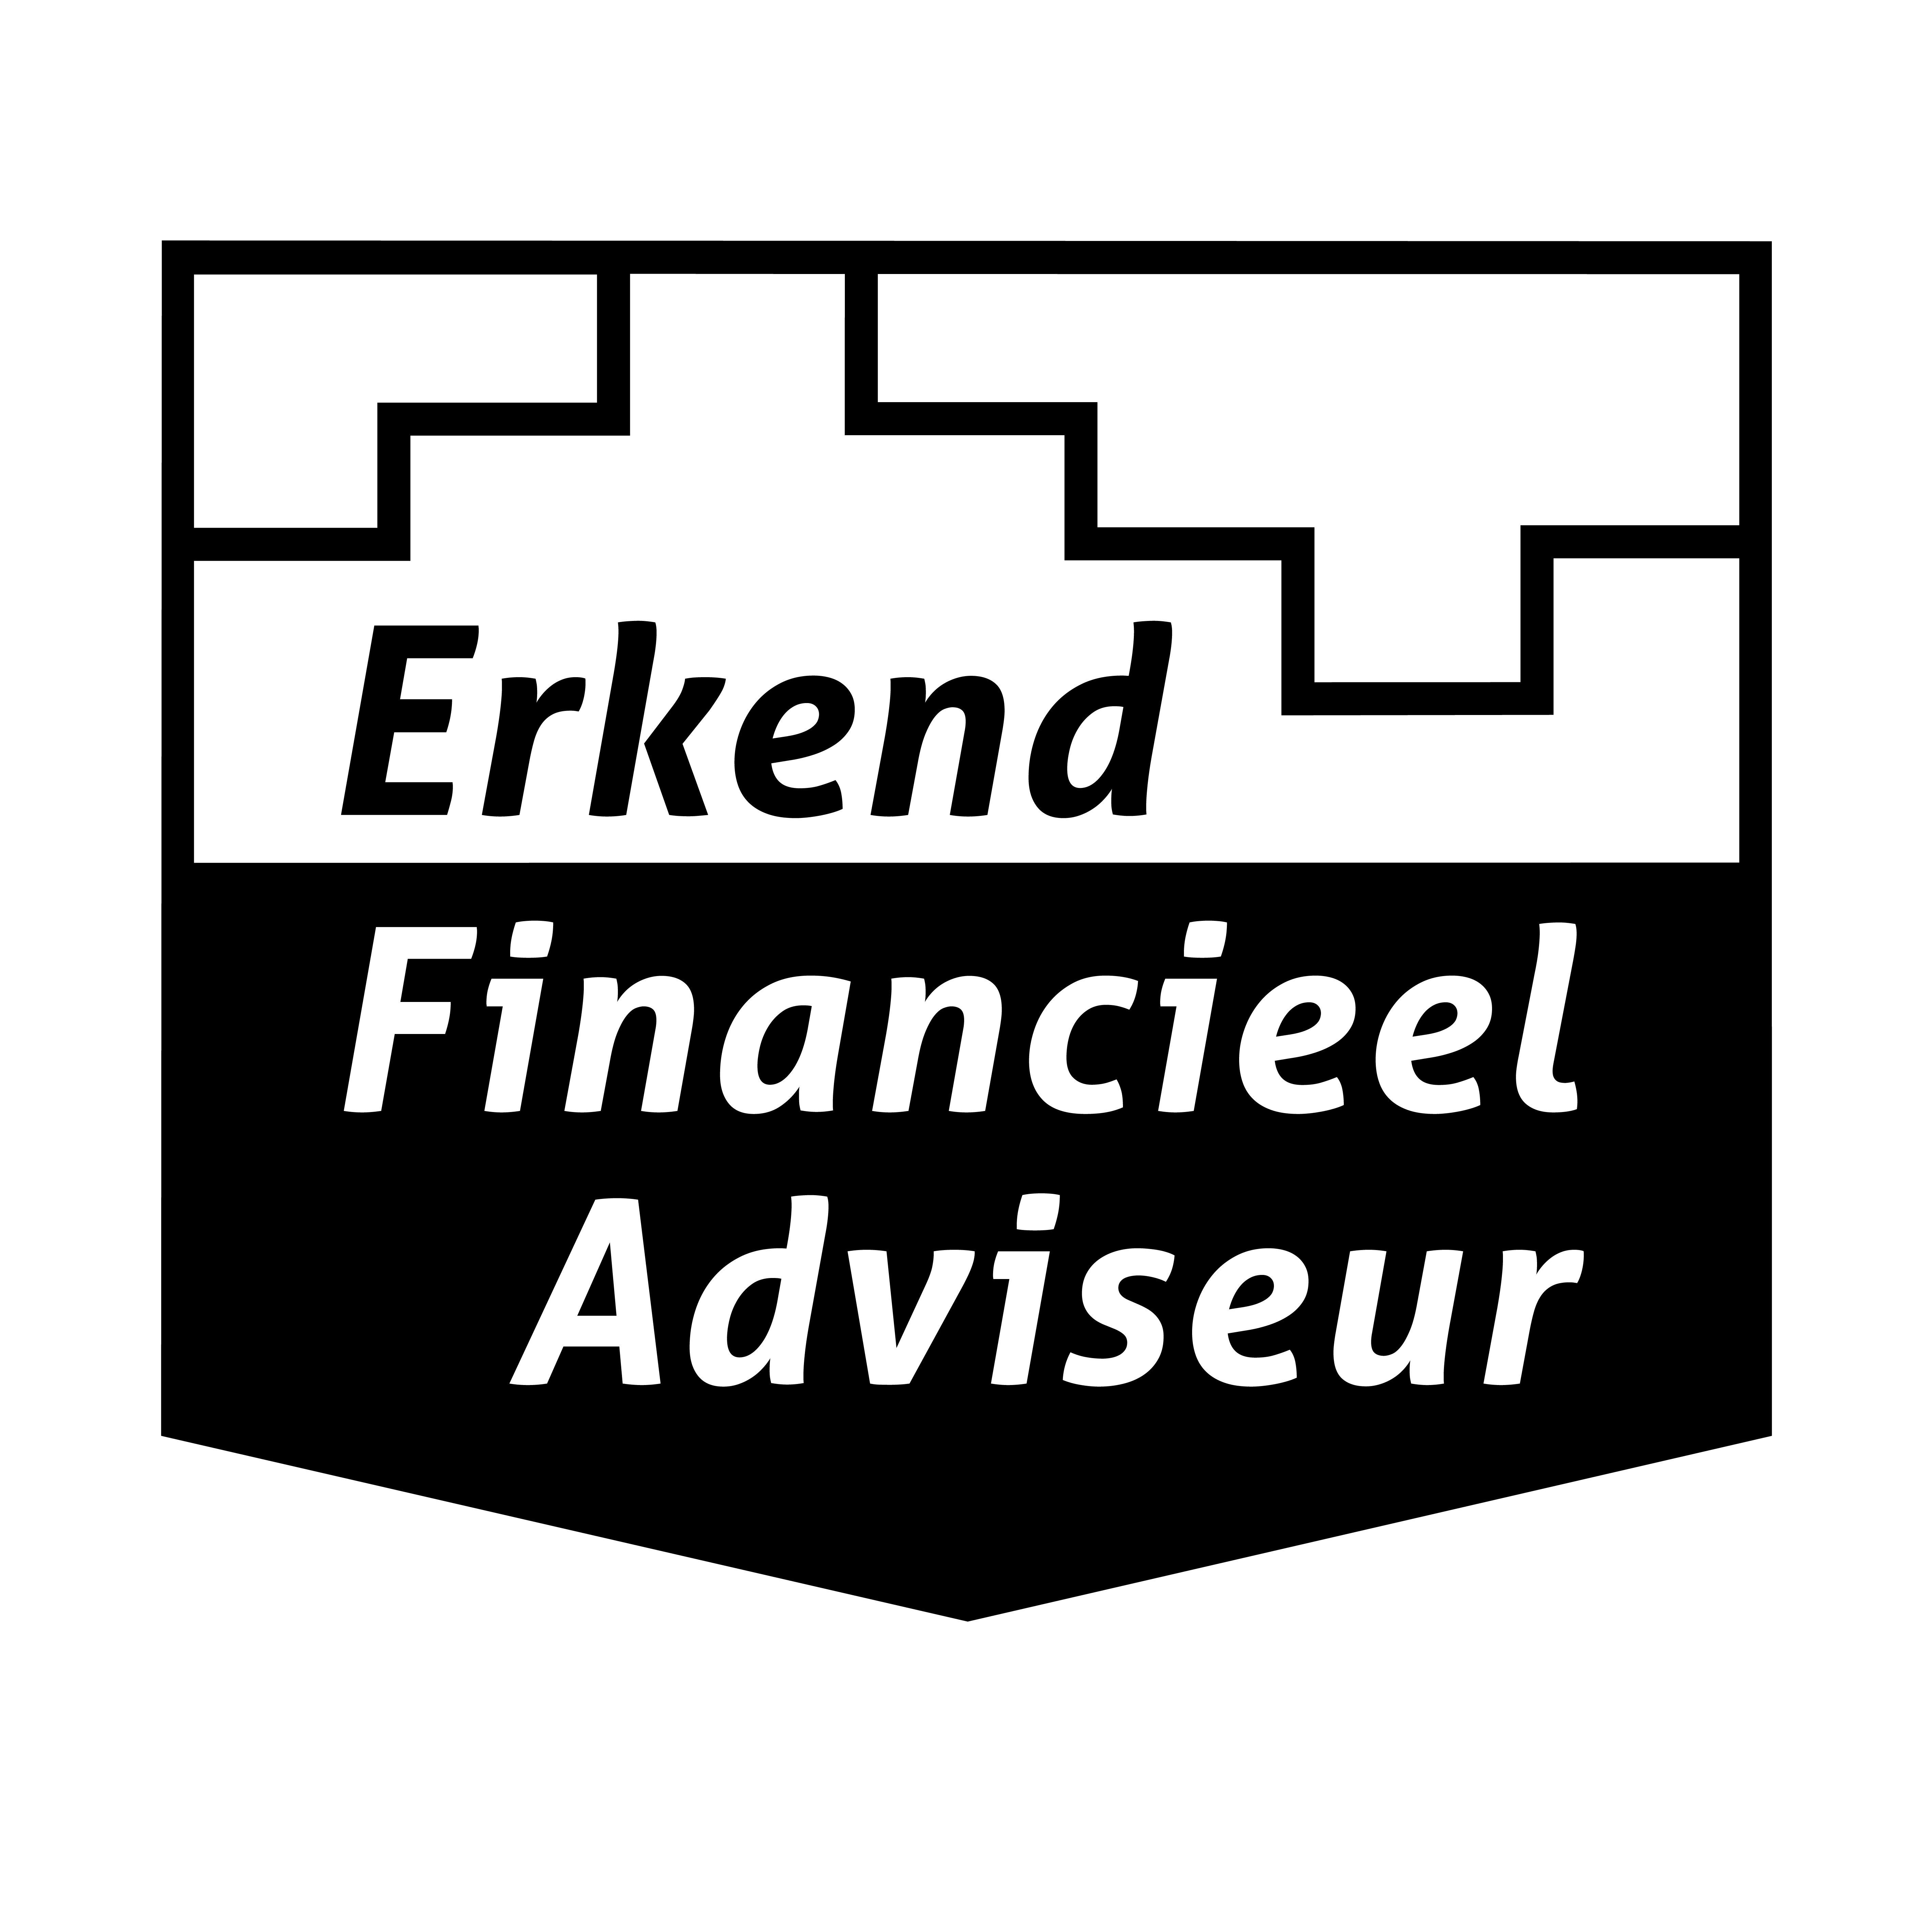 keurmerk erkend financieel adviseur